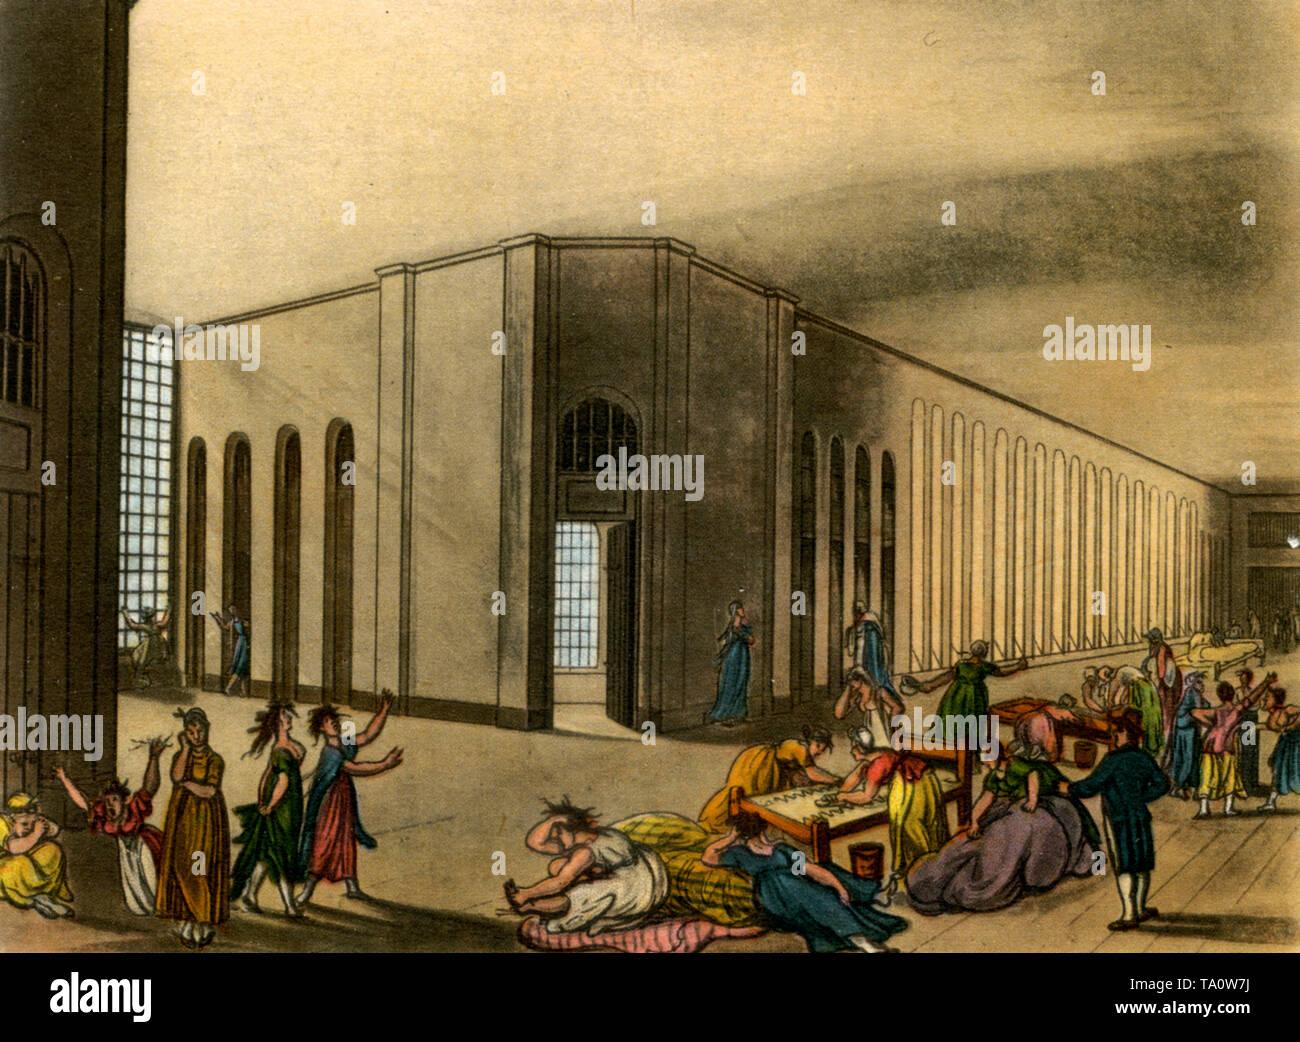 San Luca's Hospital, c1808-1810. Una stampa da 'Il microcosmo di Londra', da William Henry Pyne (1770-1843). Artisti: Thomas Rowlandson (1756-1827) e Auguste Charles Pugin (1762-1832). San Luca's Hospital per Pazzi fu fondata a Londra nel 1751 per il trattamento di inguaribile pauper pazzie e fu progettato da George Dance il giovane. Immagini Stock